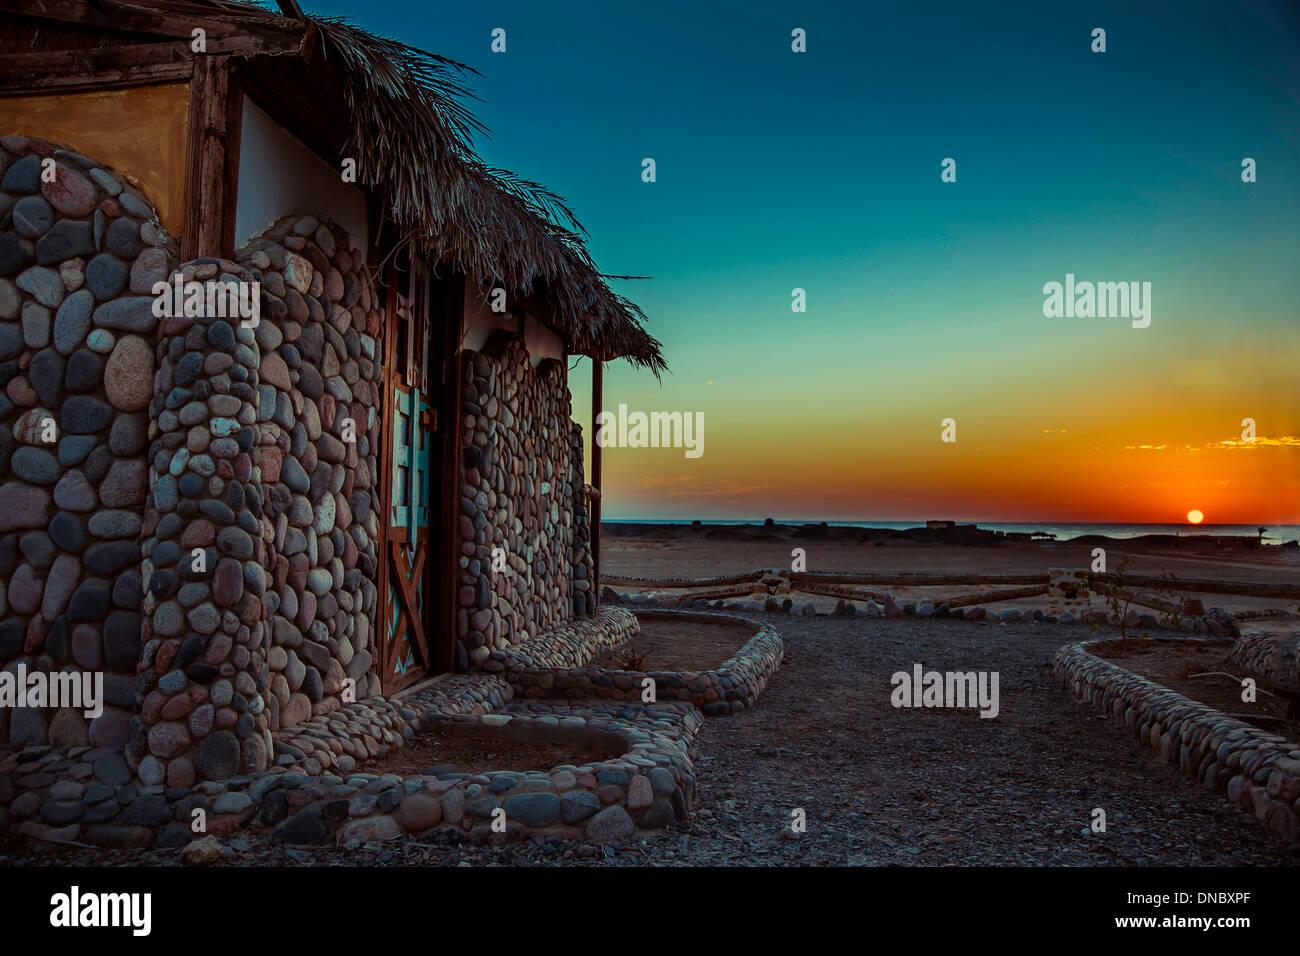 Haus am meer bei sonnenuntergang  Ägypten Marsa Alam Sonnenuntergang Sonnenaufgang Farben blau gelb ...